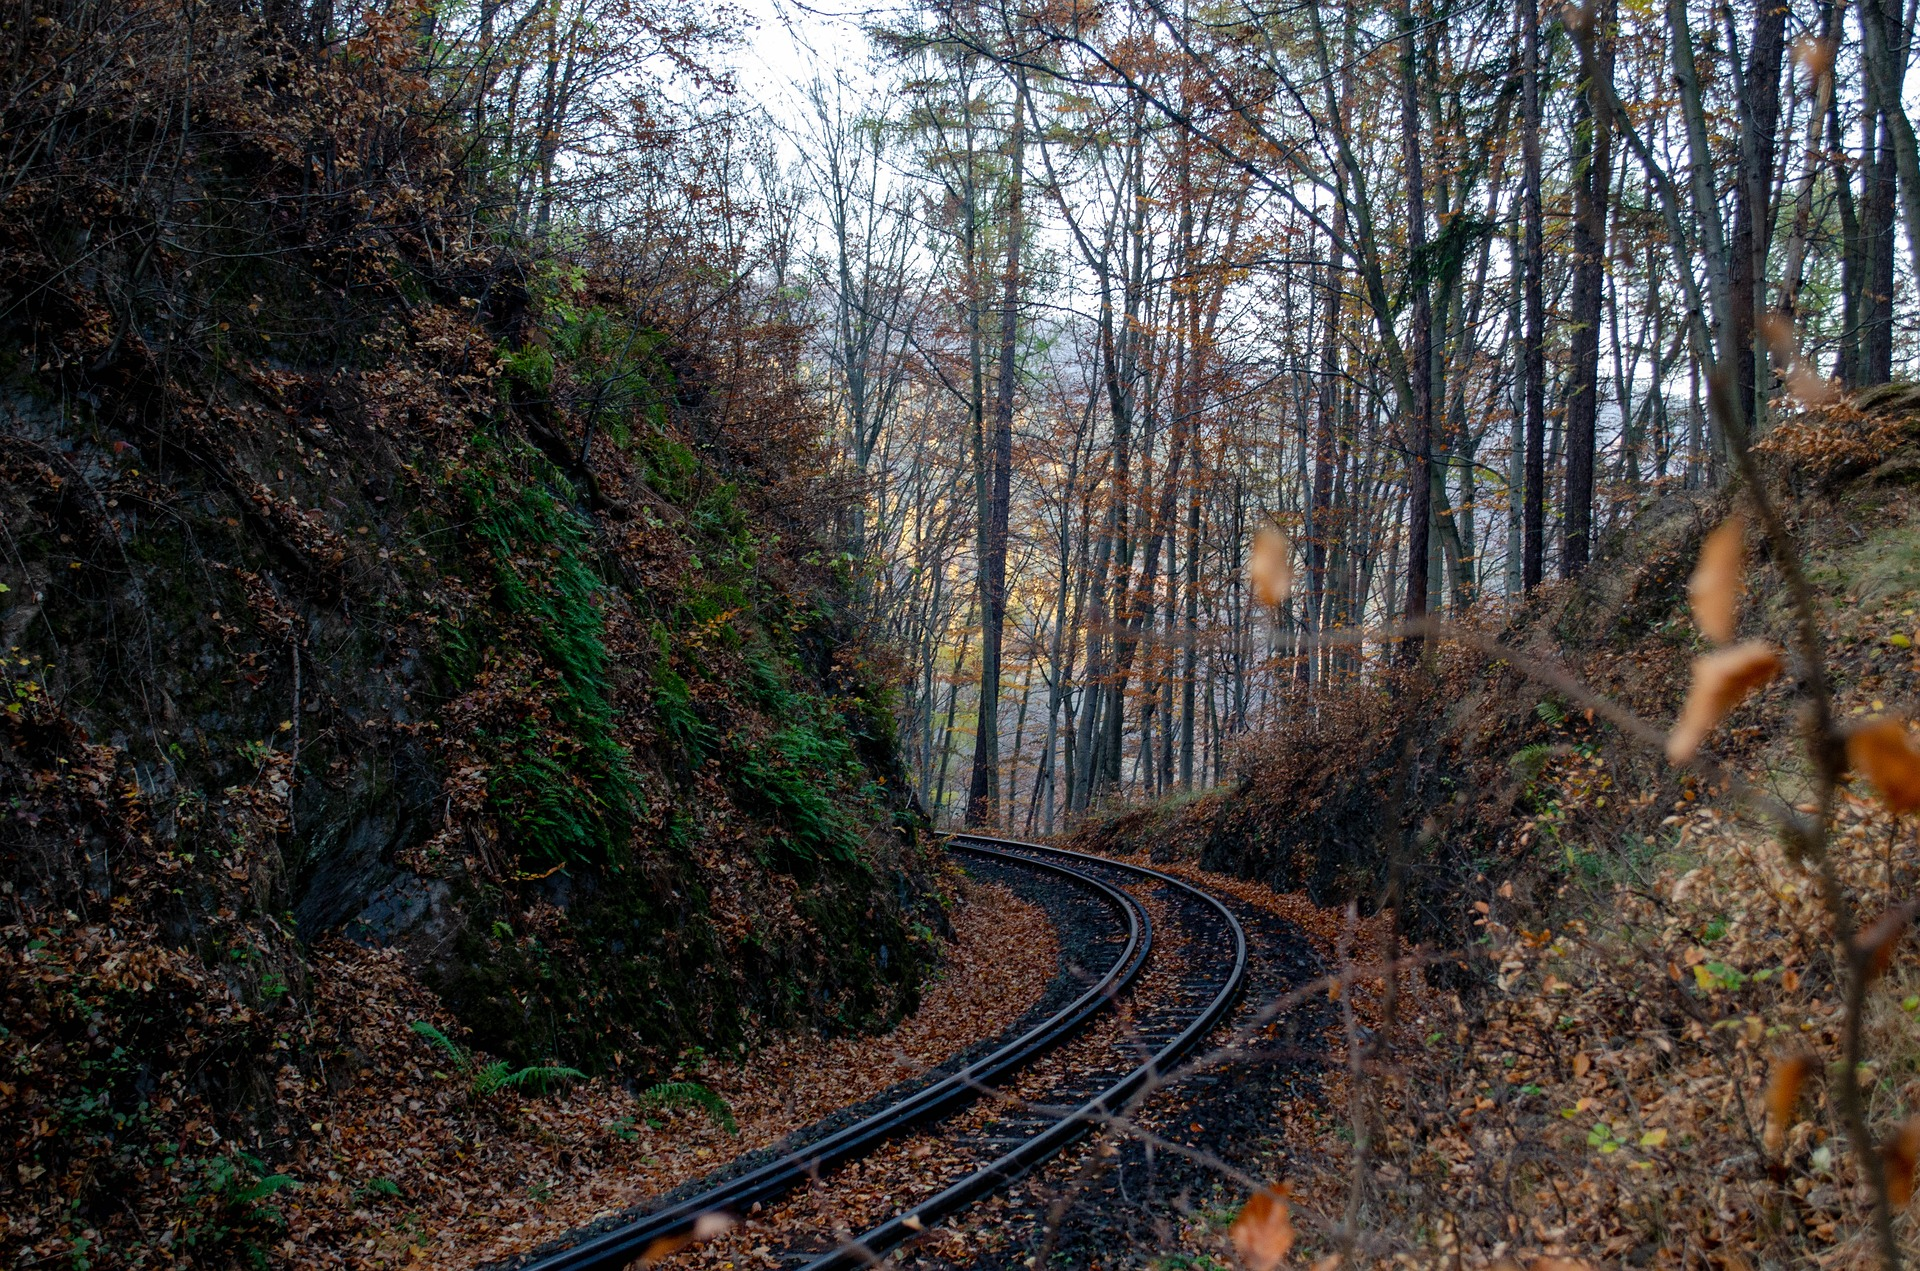 Harzer Eisenbahn